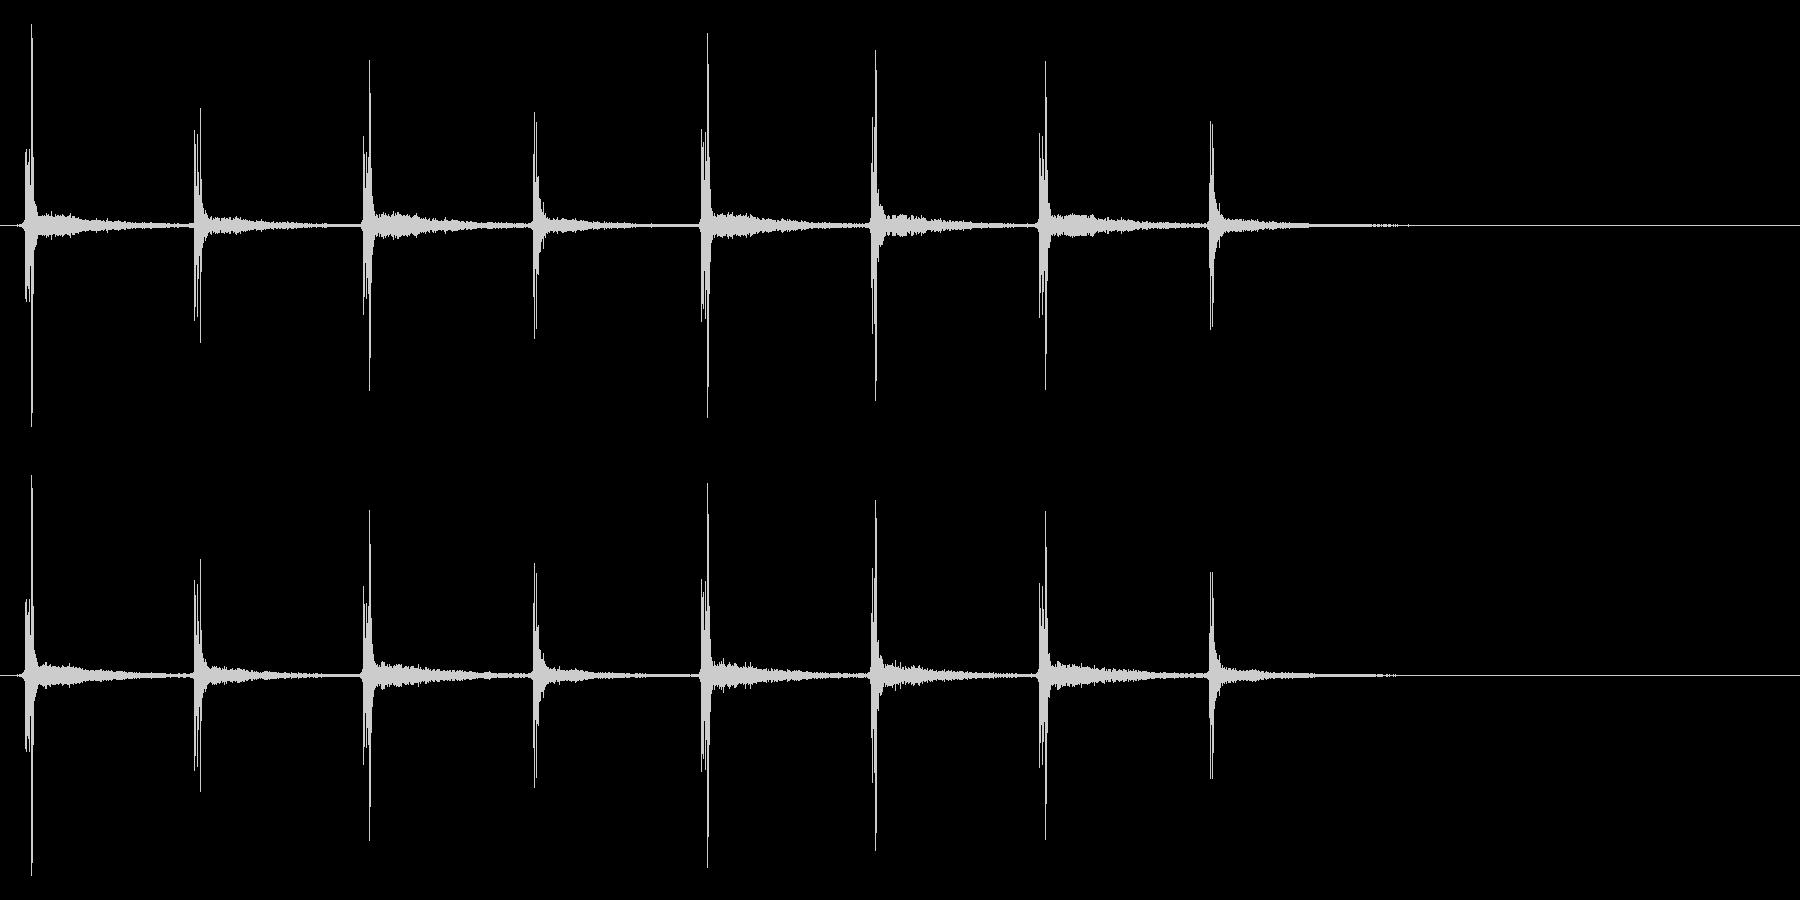 時計 秒針03-7(リバーブ 1)の未再生の波形